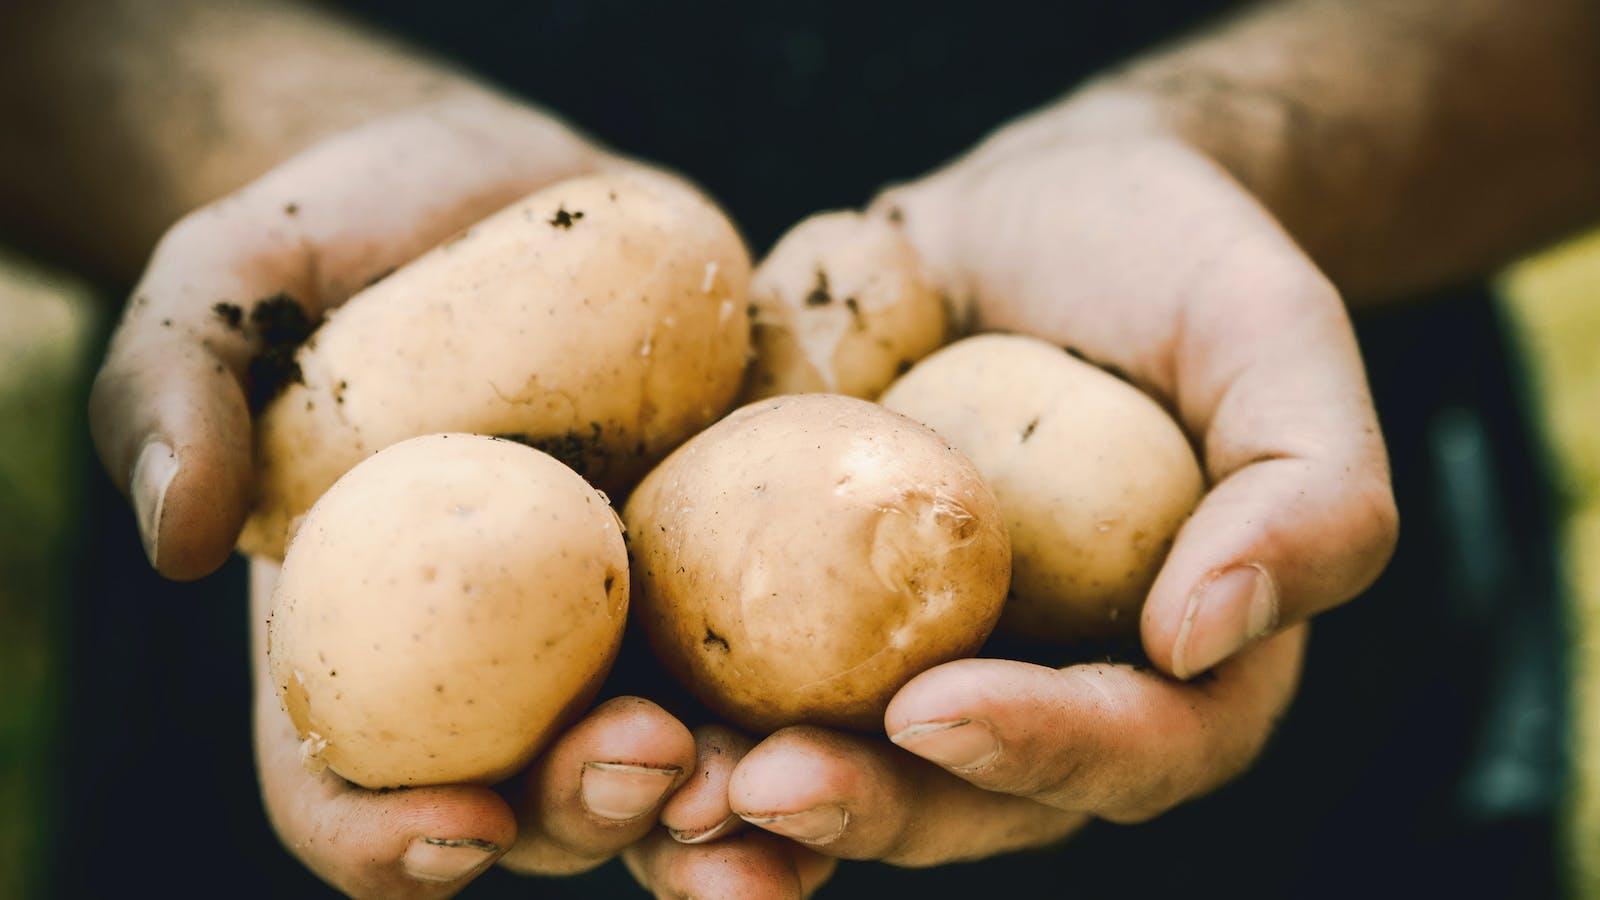 Personne présentant dans ses mains cinq pommes de terre